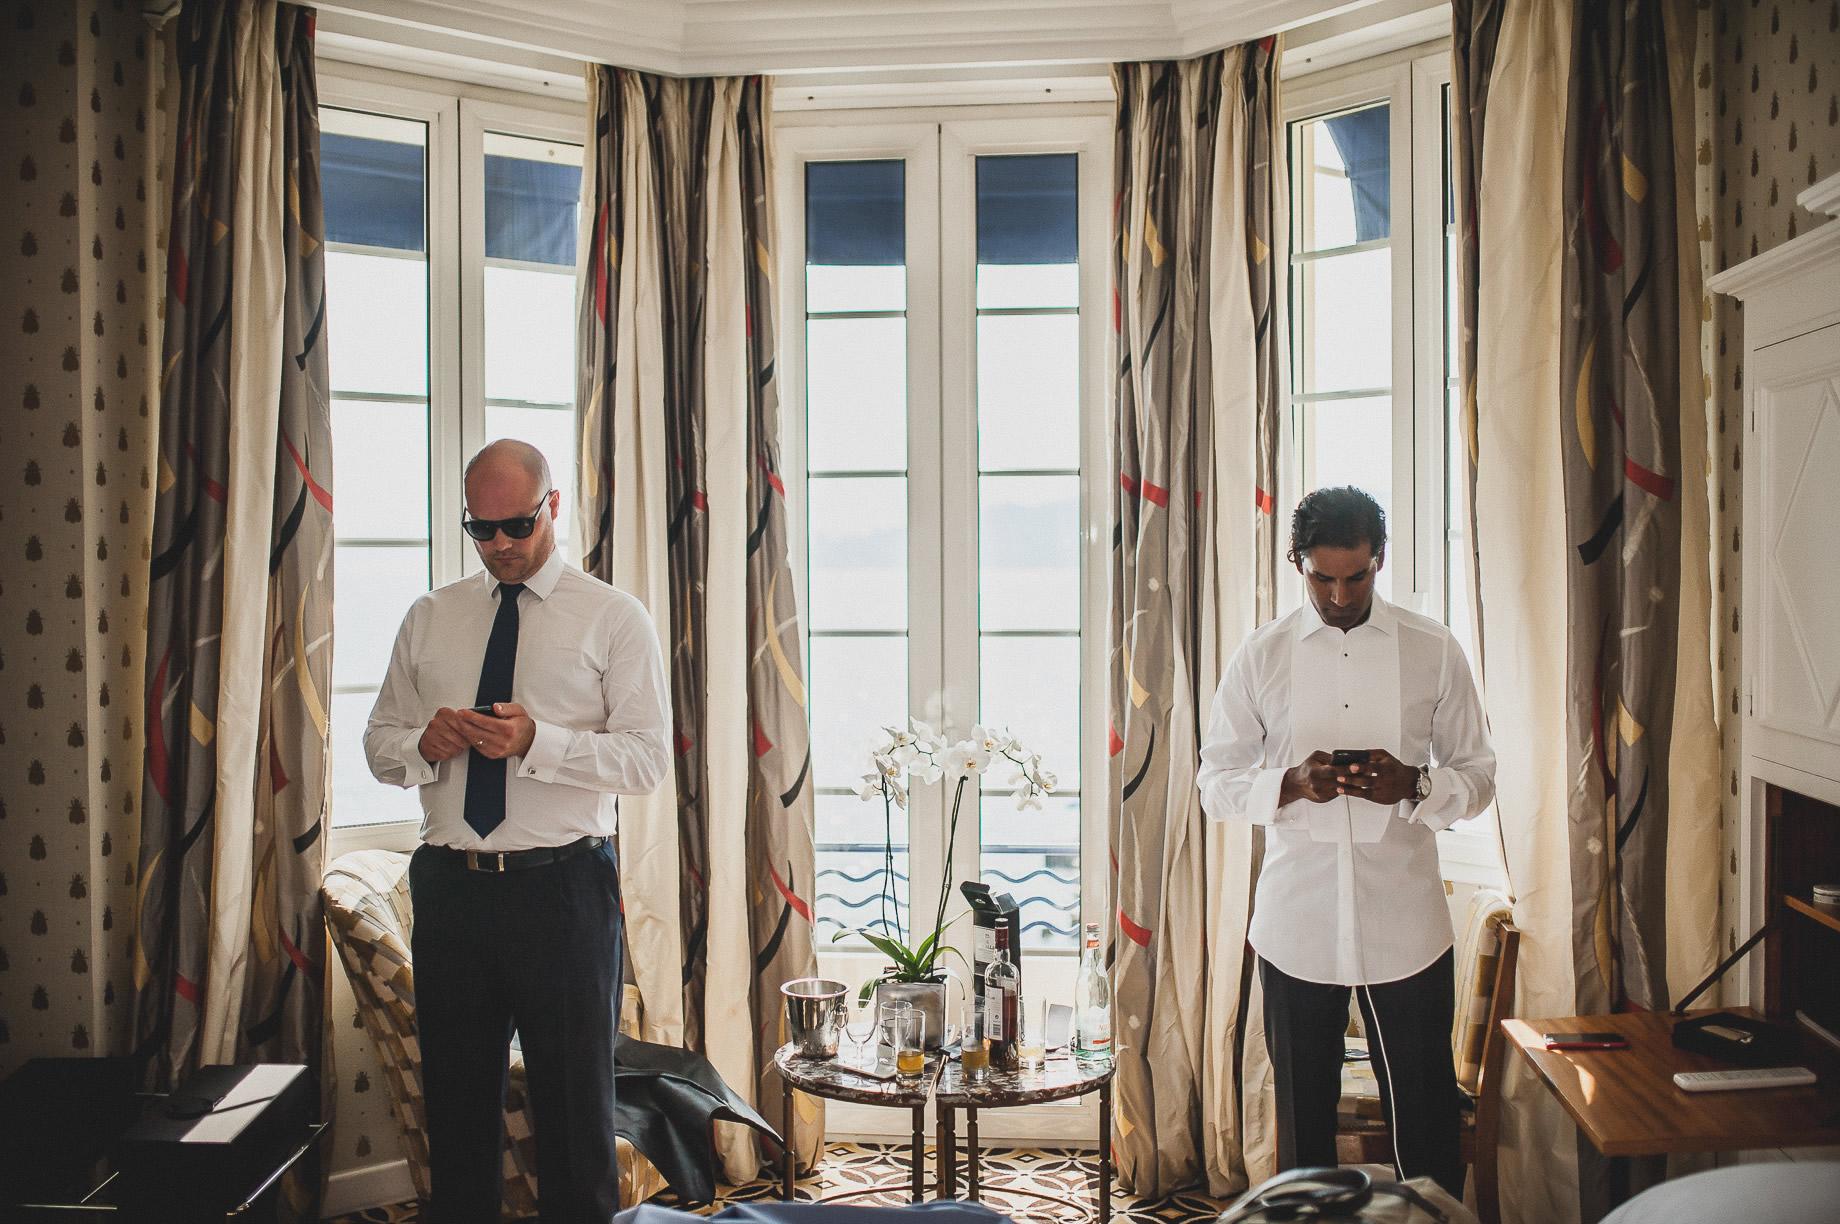 Jen and Priyan's Wedding at Hotel Belles Rives 053